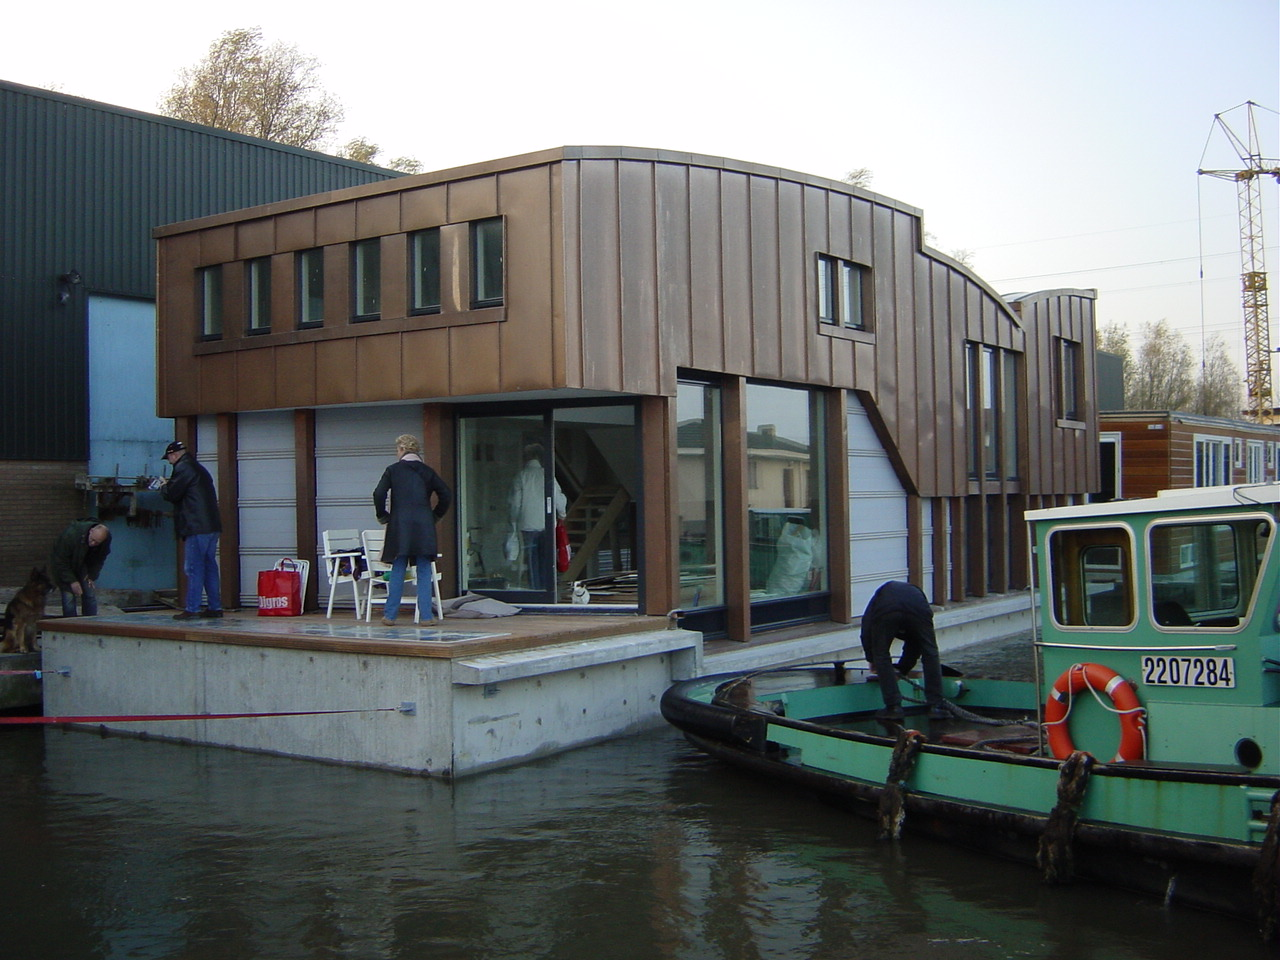 Nieuwbouw woonboot waterwoning in Amsterdam begin van het transport